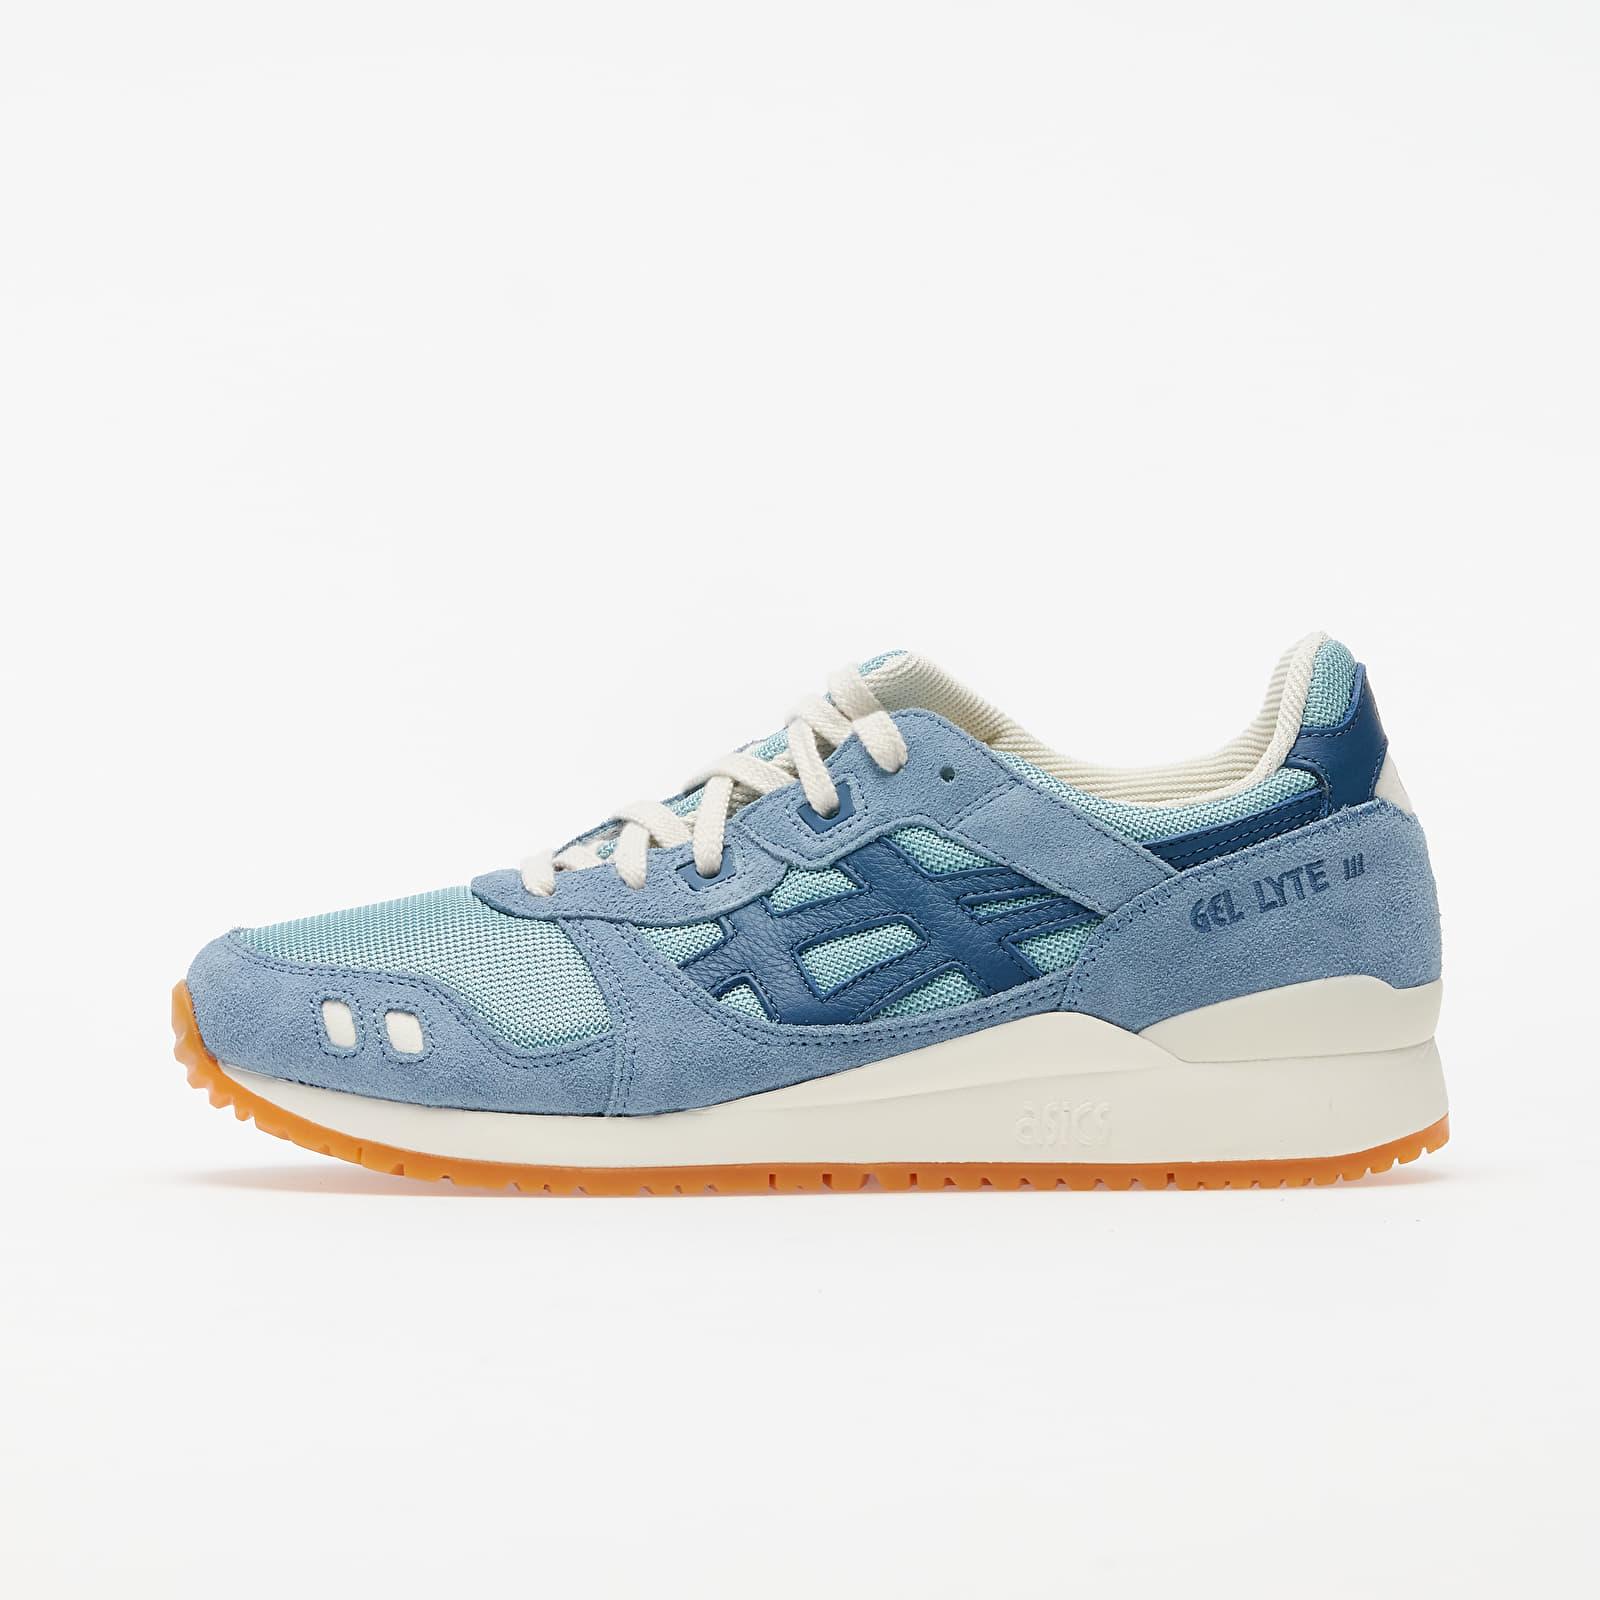 Men's shoes Asics Gel-Lyte III OG Smoke